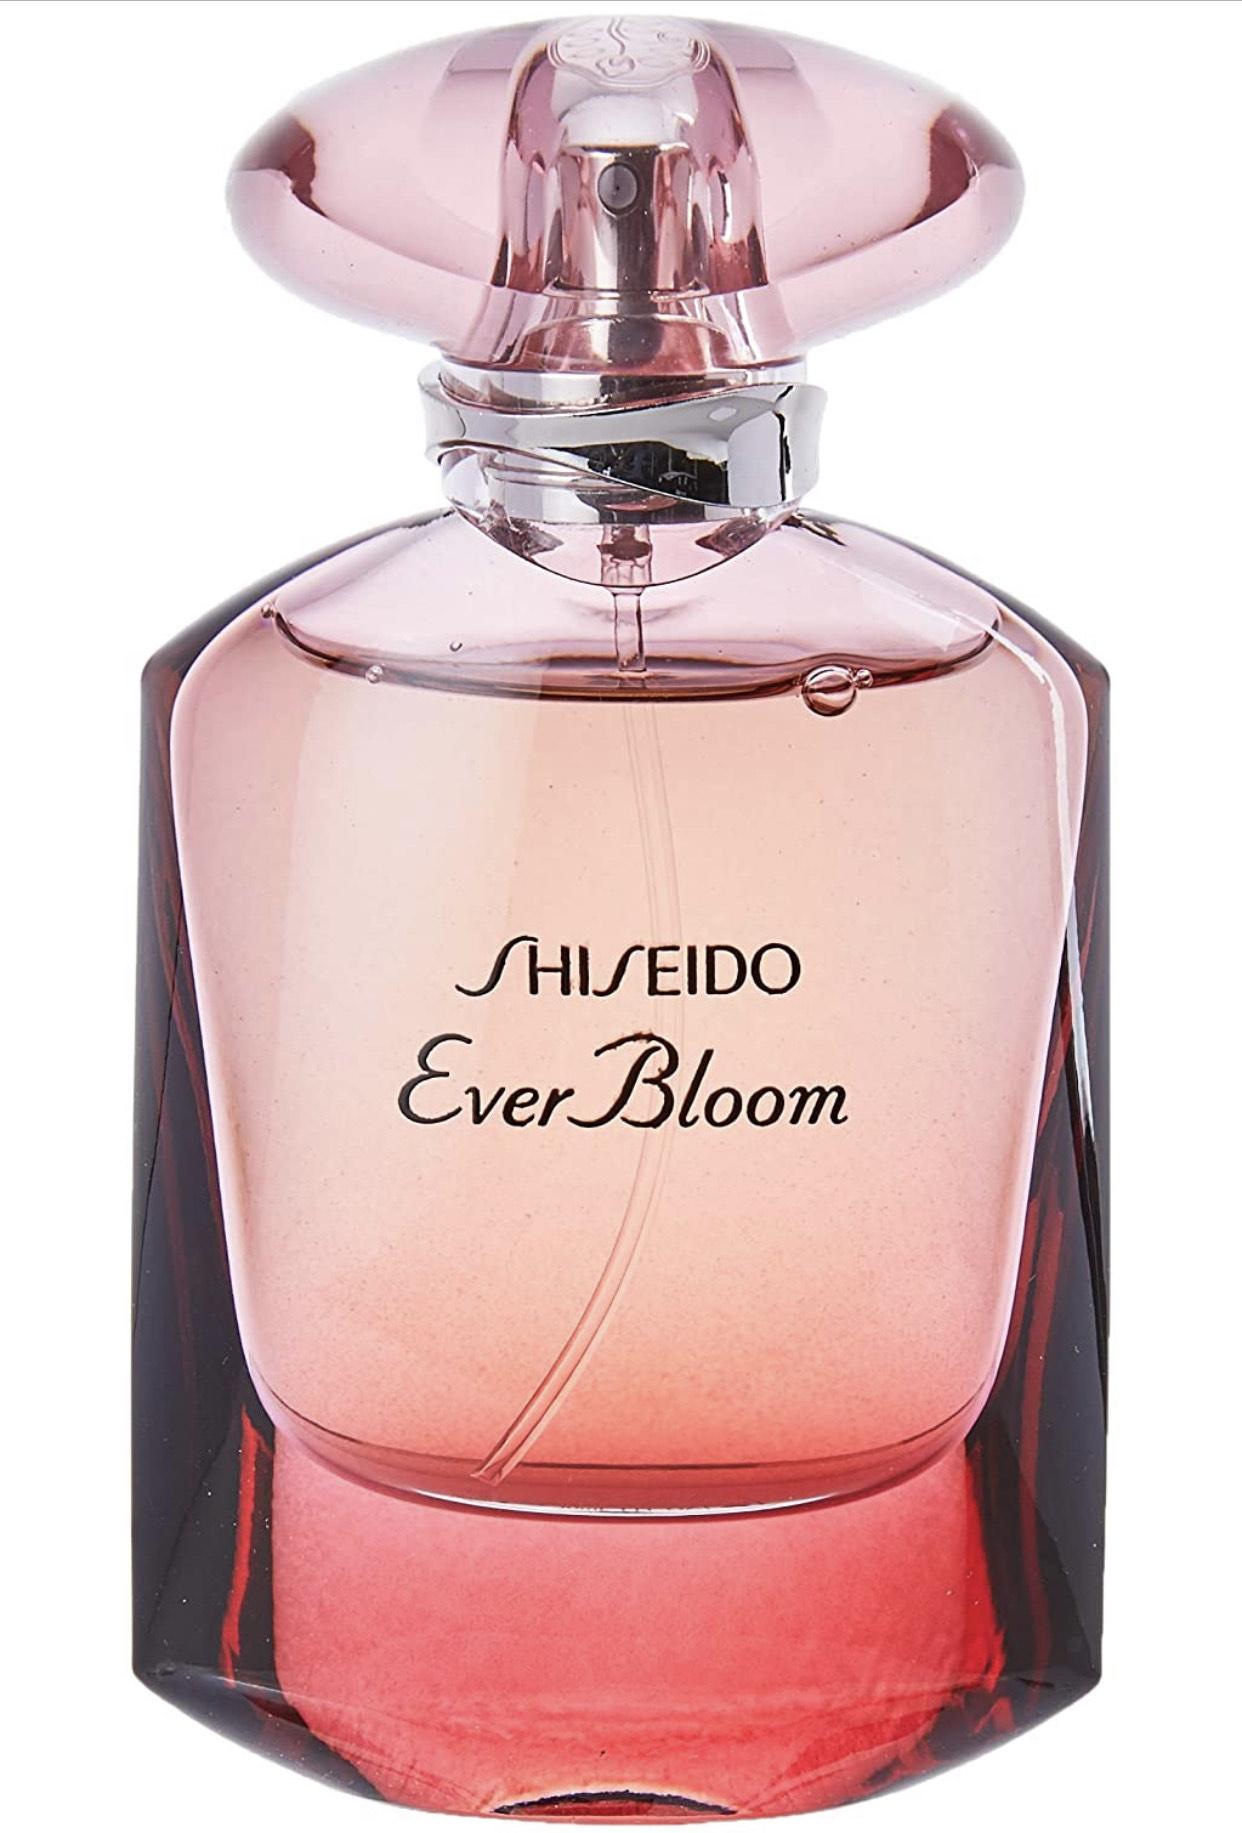 Agua de perfume ever bloom Shiseido